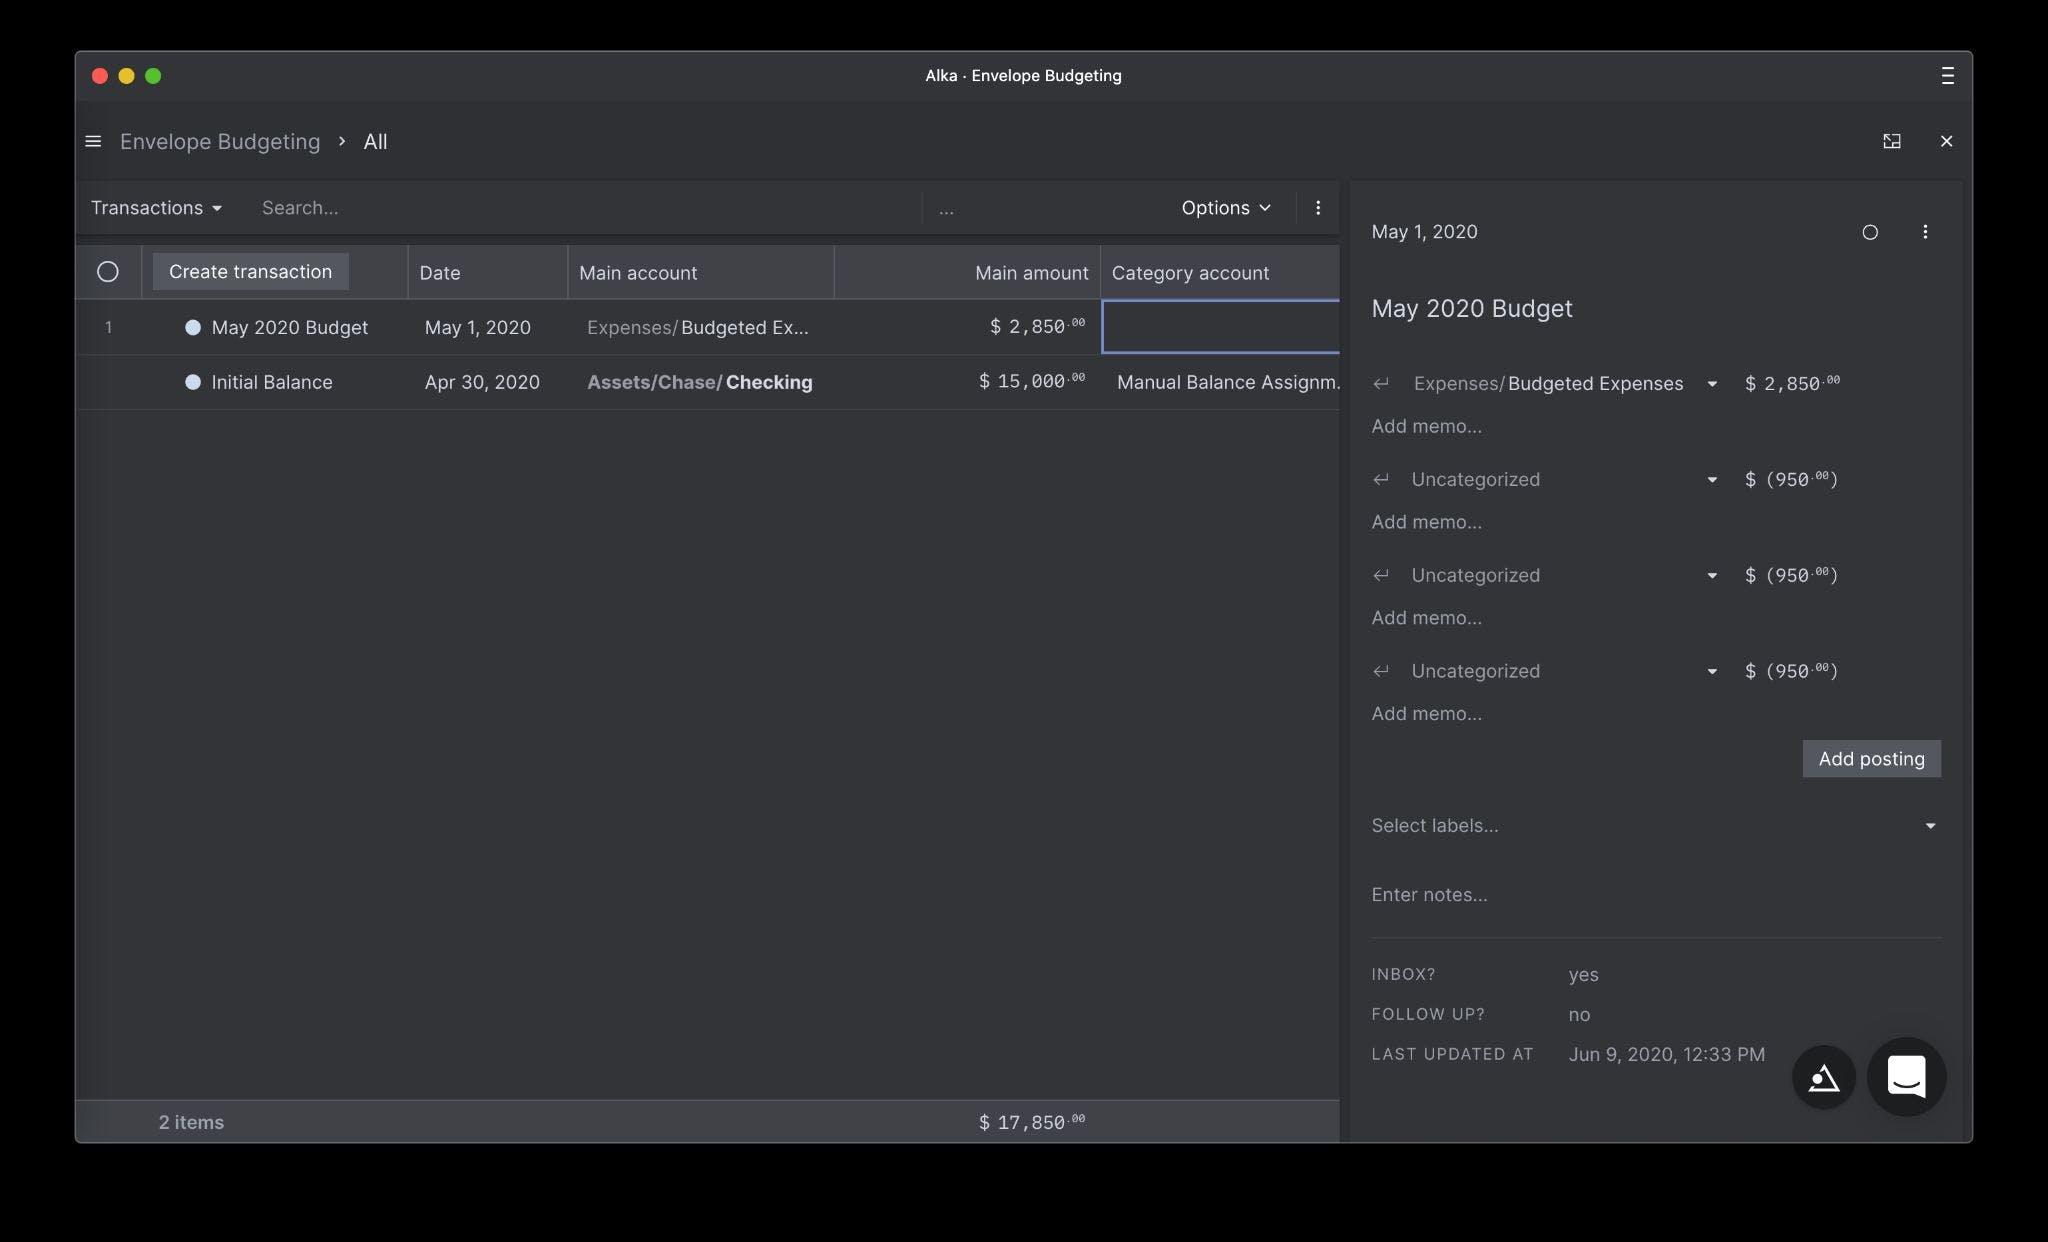 Screen Shot 2020-06-09 at 12.35.19 PM.png